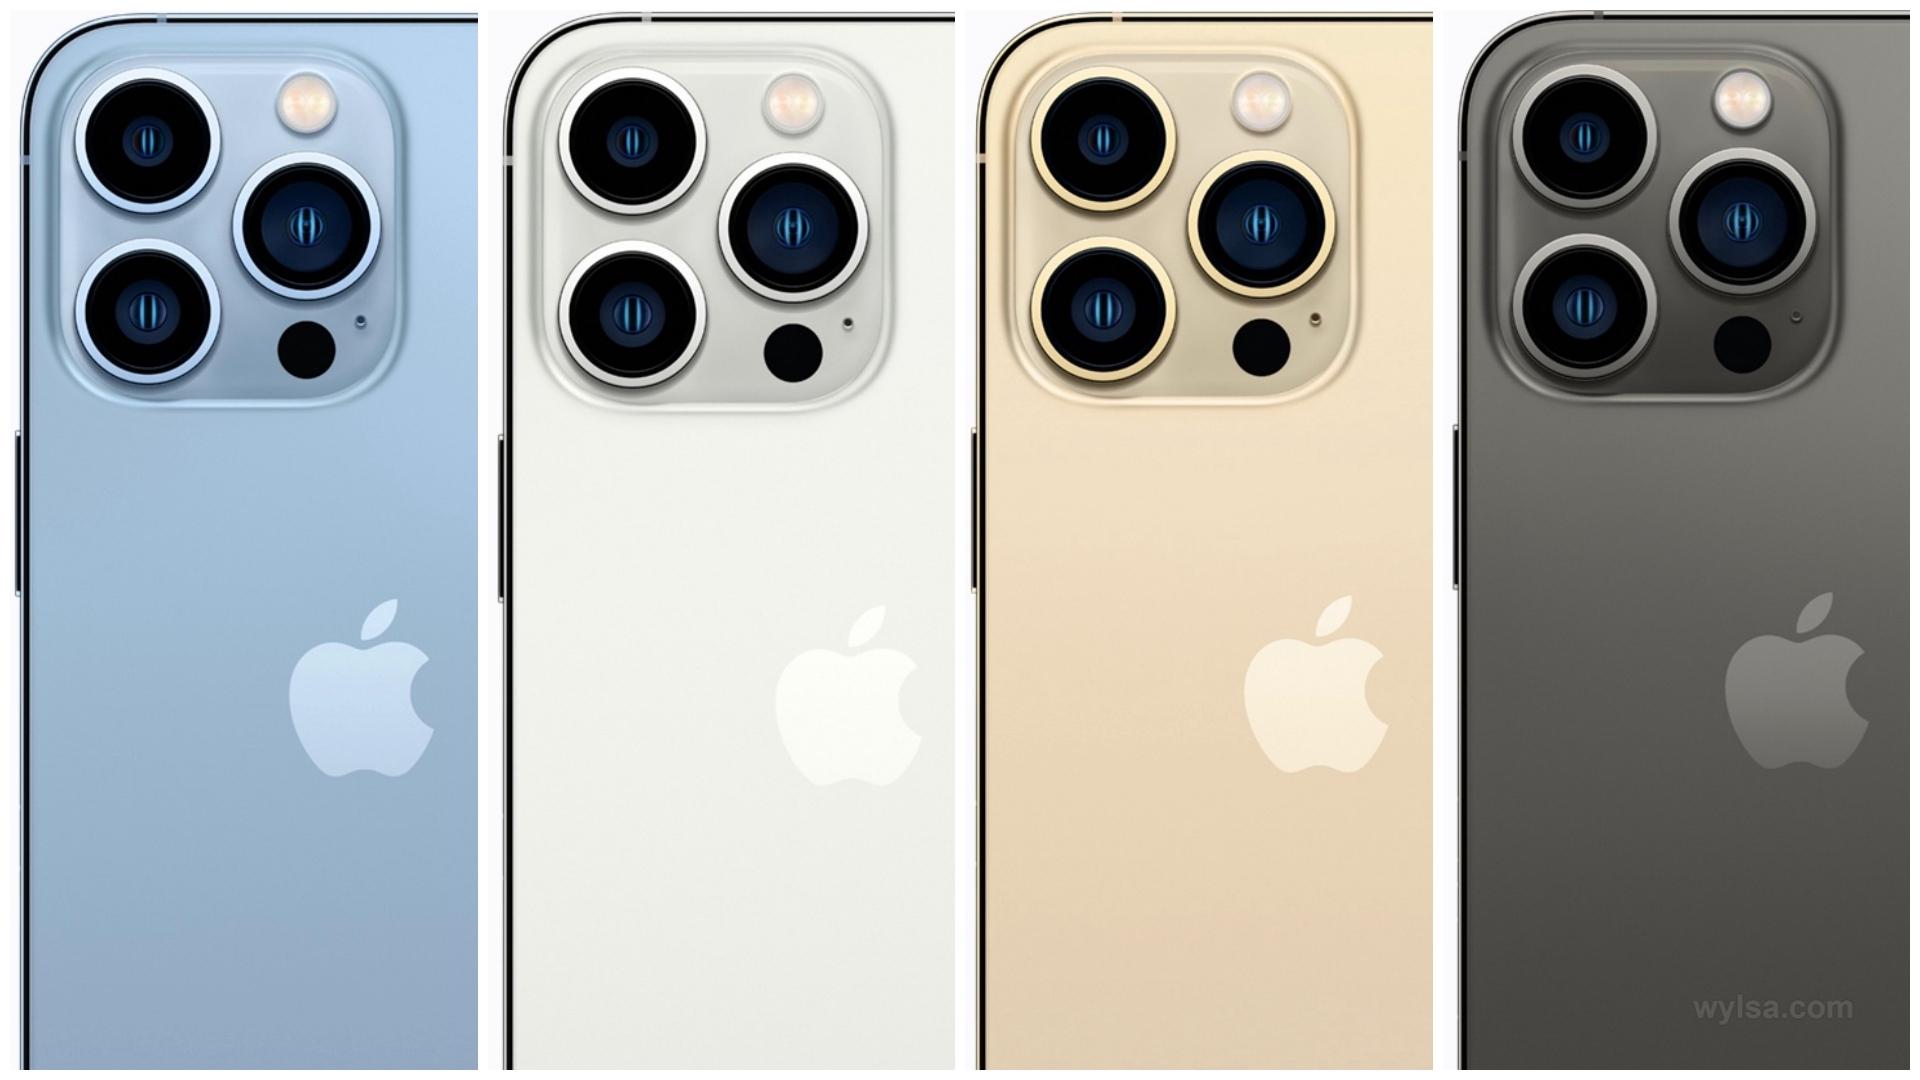 Не только зарядное устройство: Apple изменила упаковку iPhone 13 ради защиты окружающей среды